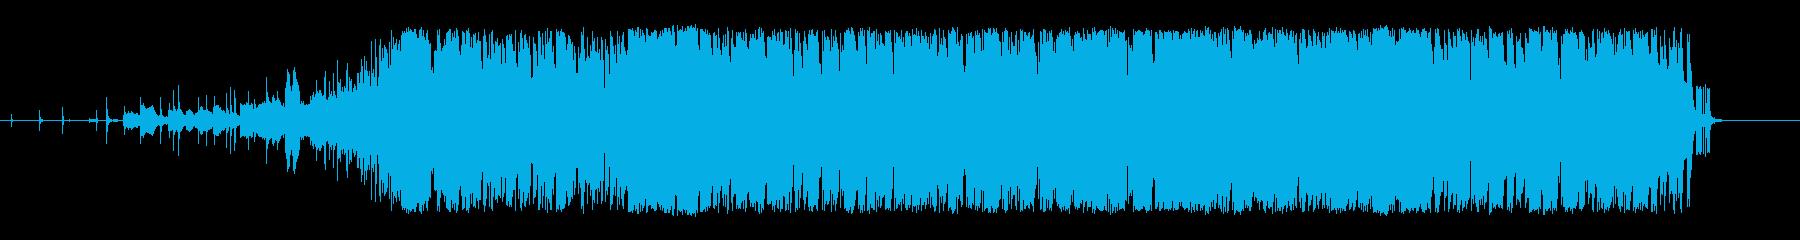 インダストリアル、かっこいいピアノシンセの再生済みの波形